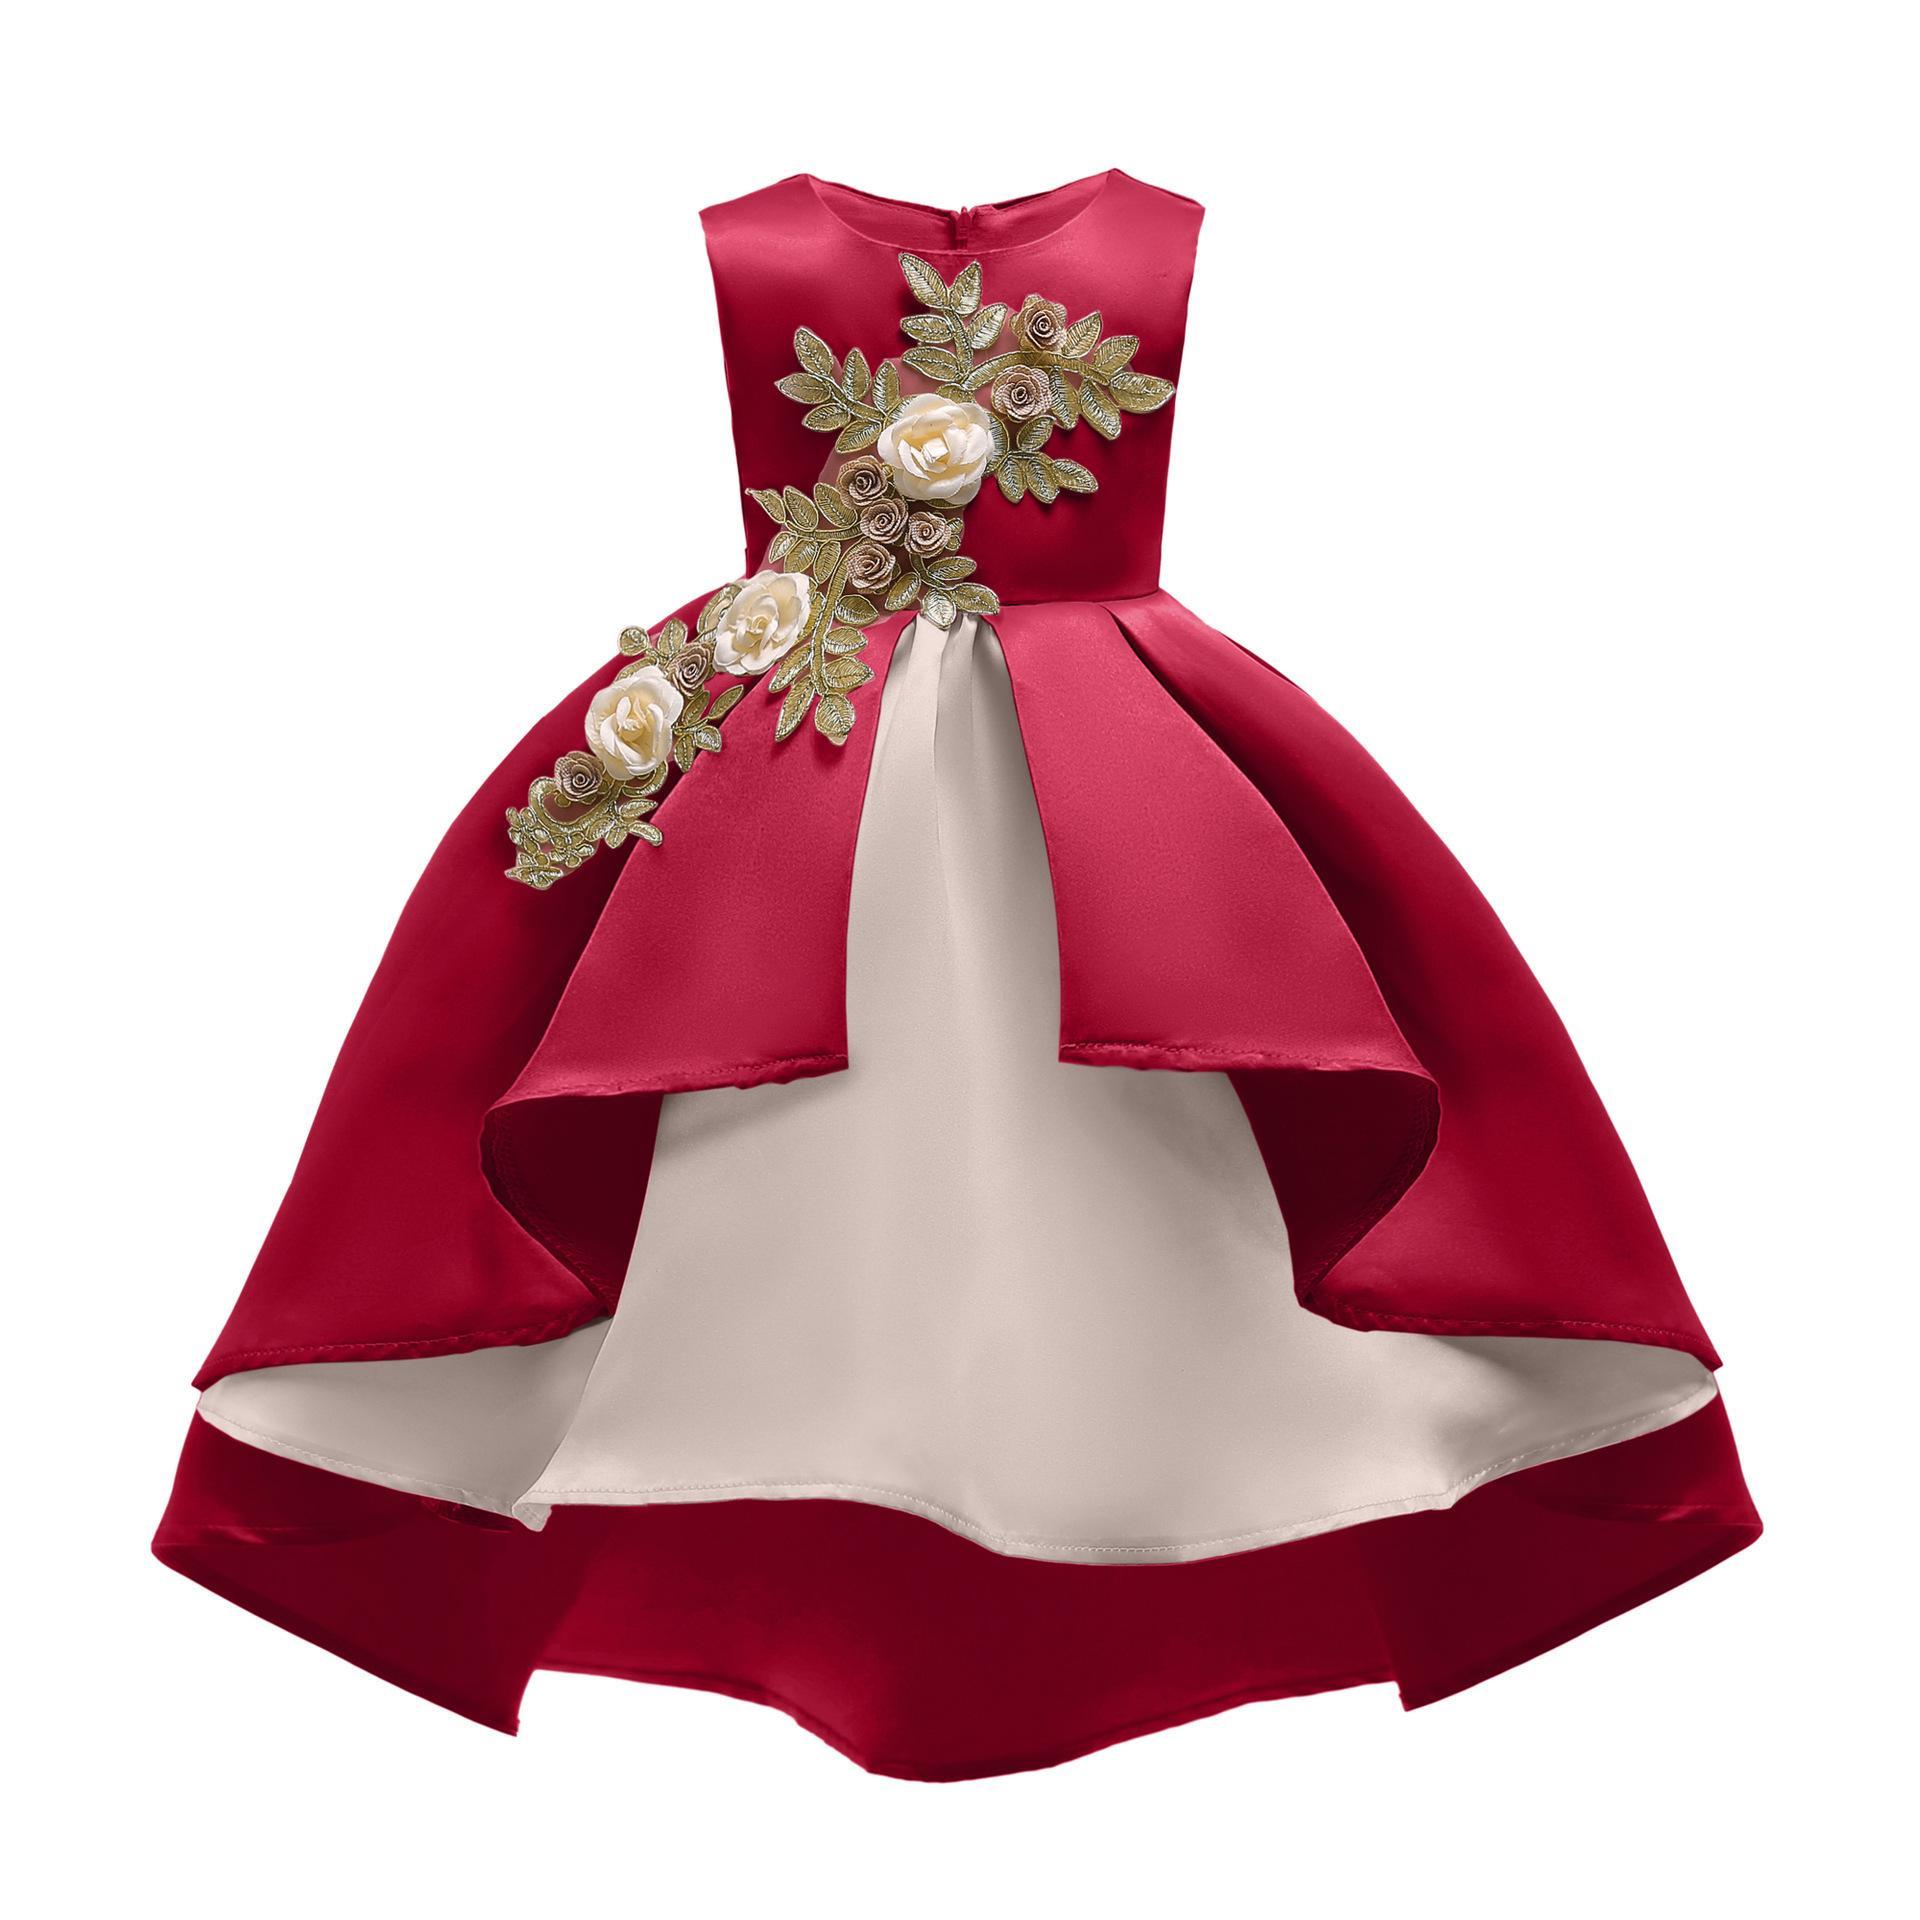 85b82d830ce93 Acheter 2019 Nouvel An Enfants Robe De Soirée Bébé Fille Premier  Anniversaire Fête Robe Habillée Pour Enfants Princesse Belle Floral  Vêtements De  42.31 Du ...